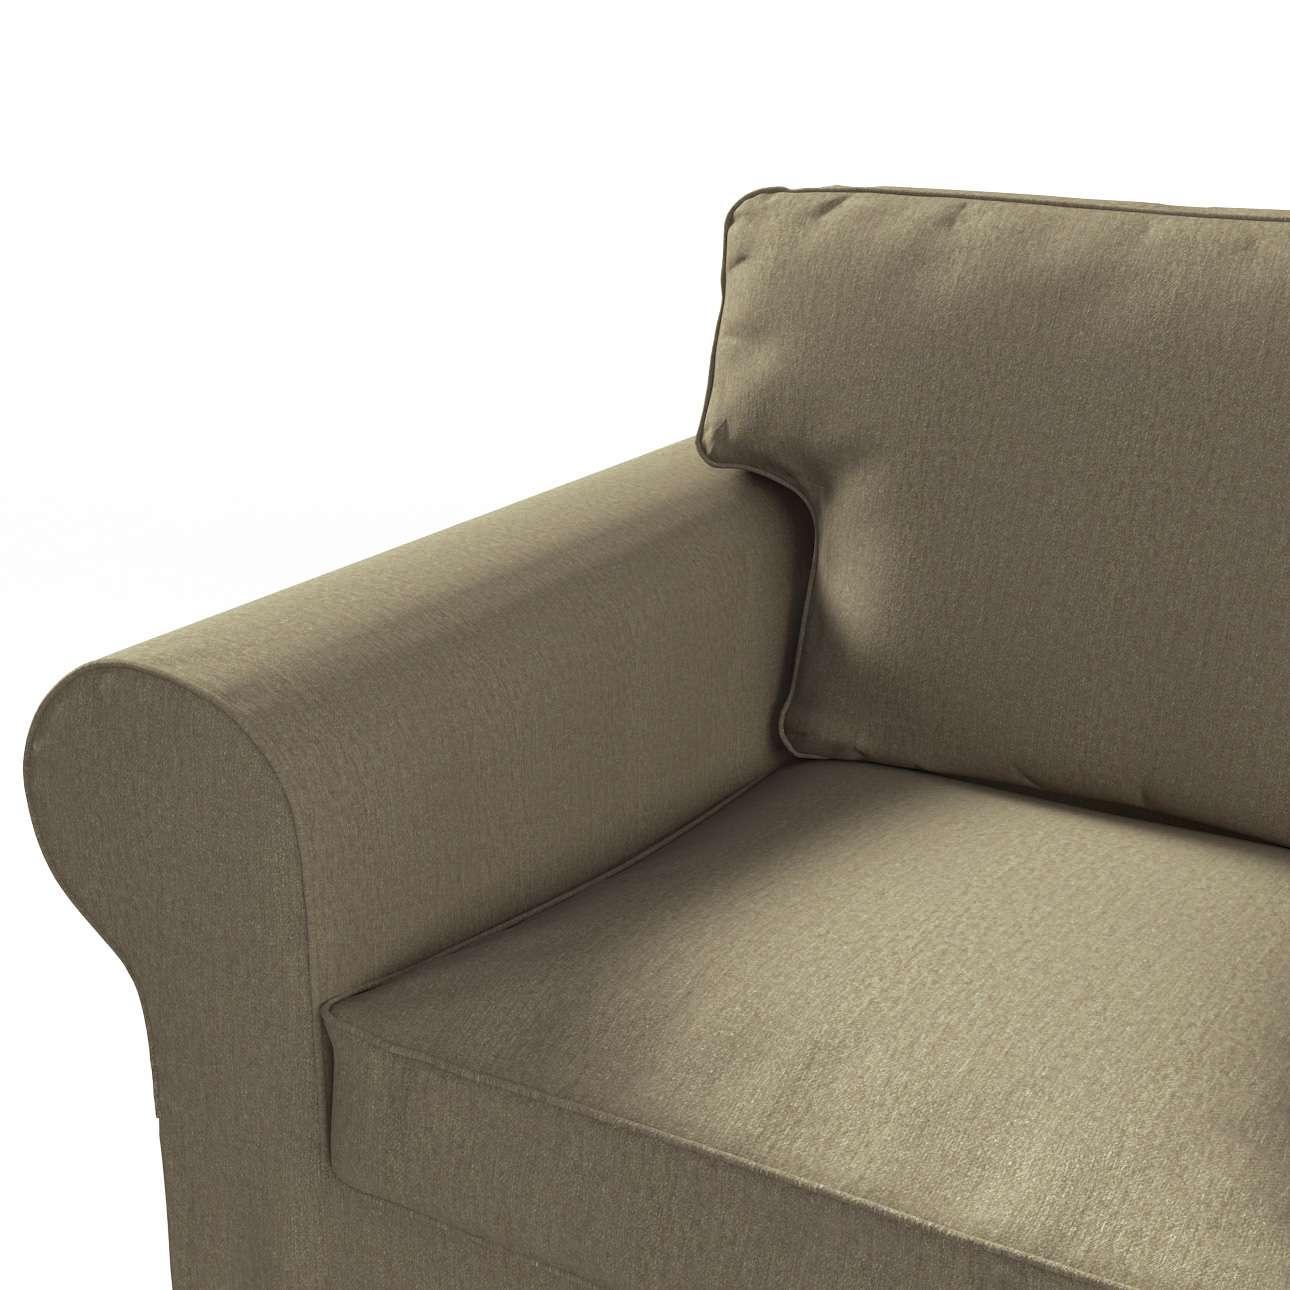 Pokrowiec na sofę Ektorp 3-osobową, rozkładaną, PIXBO w kolekcji Chenille, tkanina: 702-21